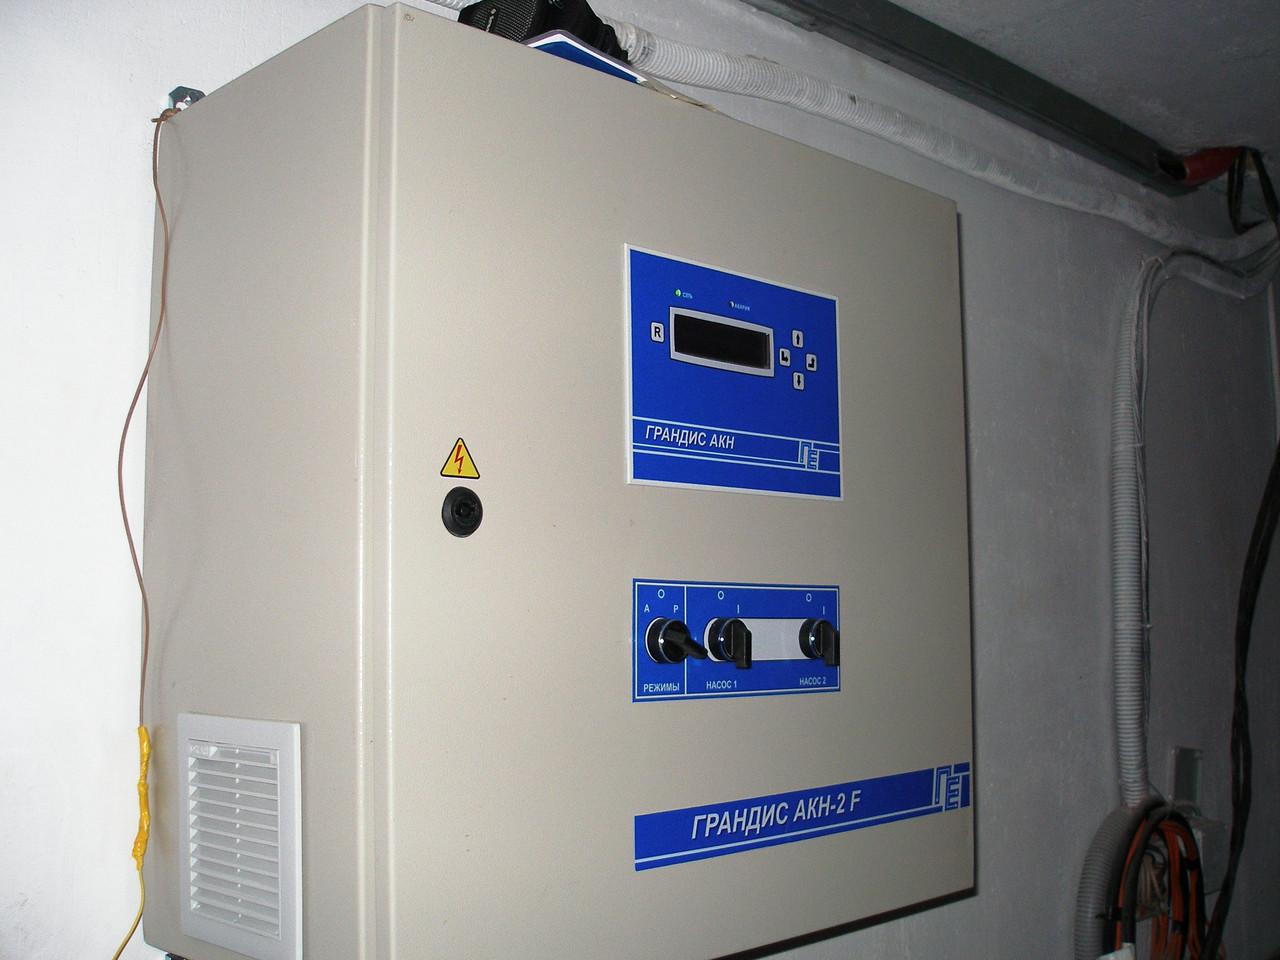 Устройство серии Грандис АКН -2F-2.2  с частотным регулированием